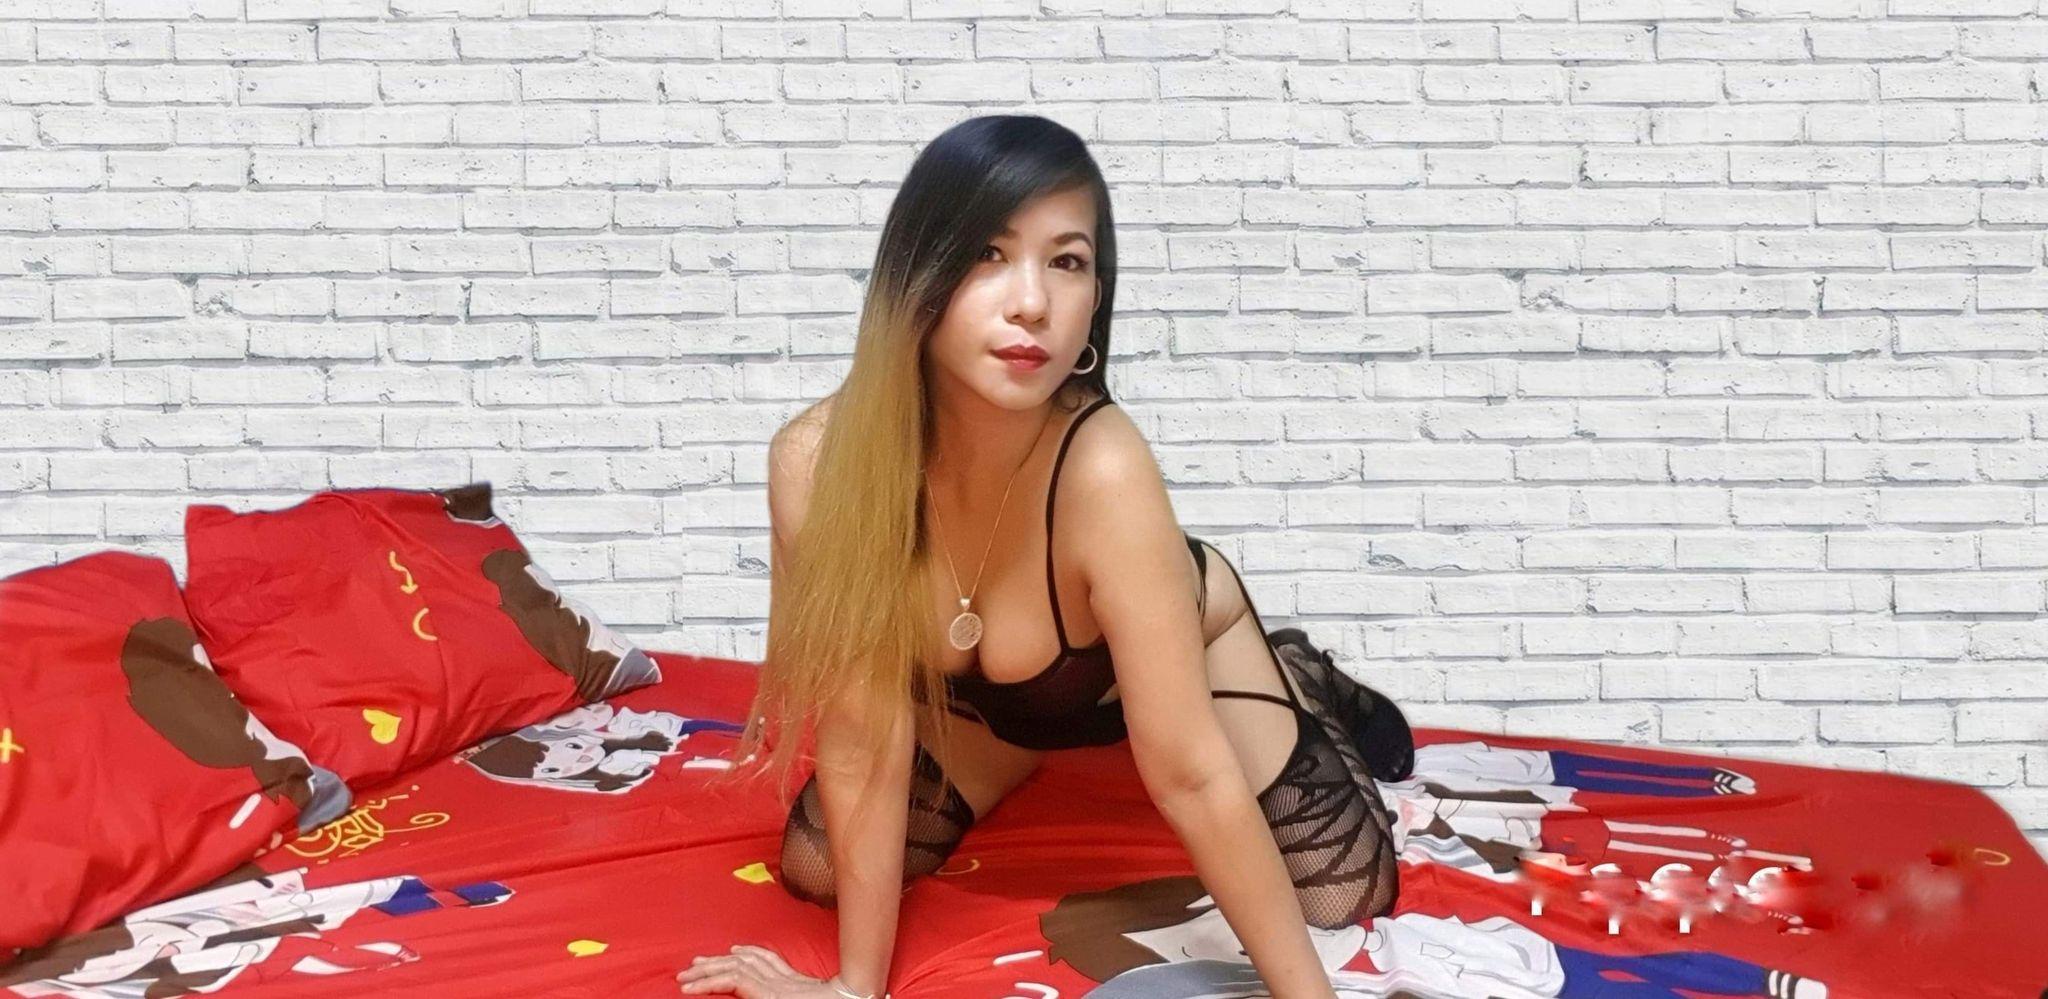 Asianleahxxx?s=jj0brerx33gyxacbvp78wktgyxcrxb4duosx7an3xuc=